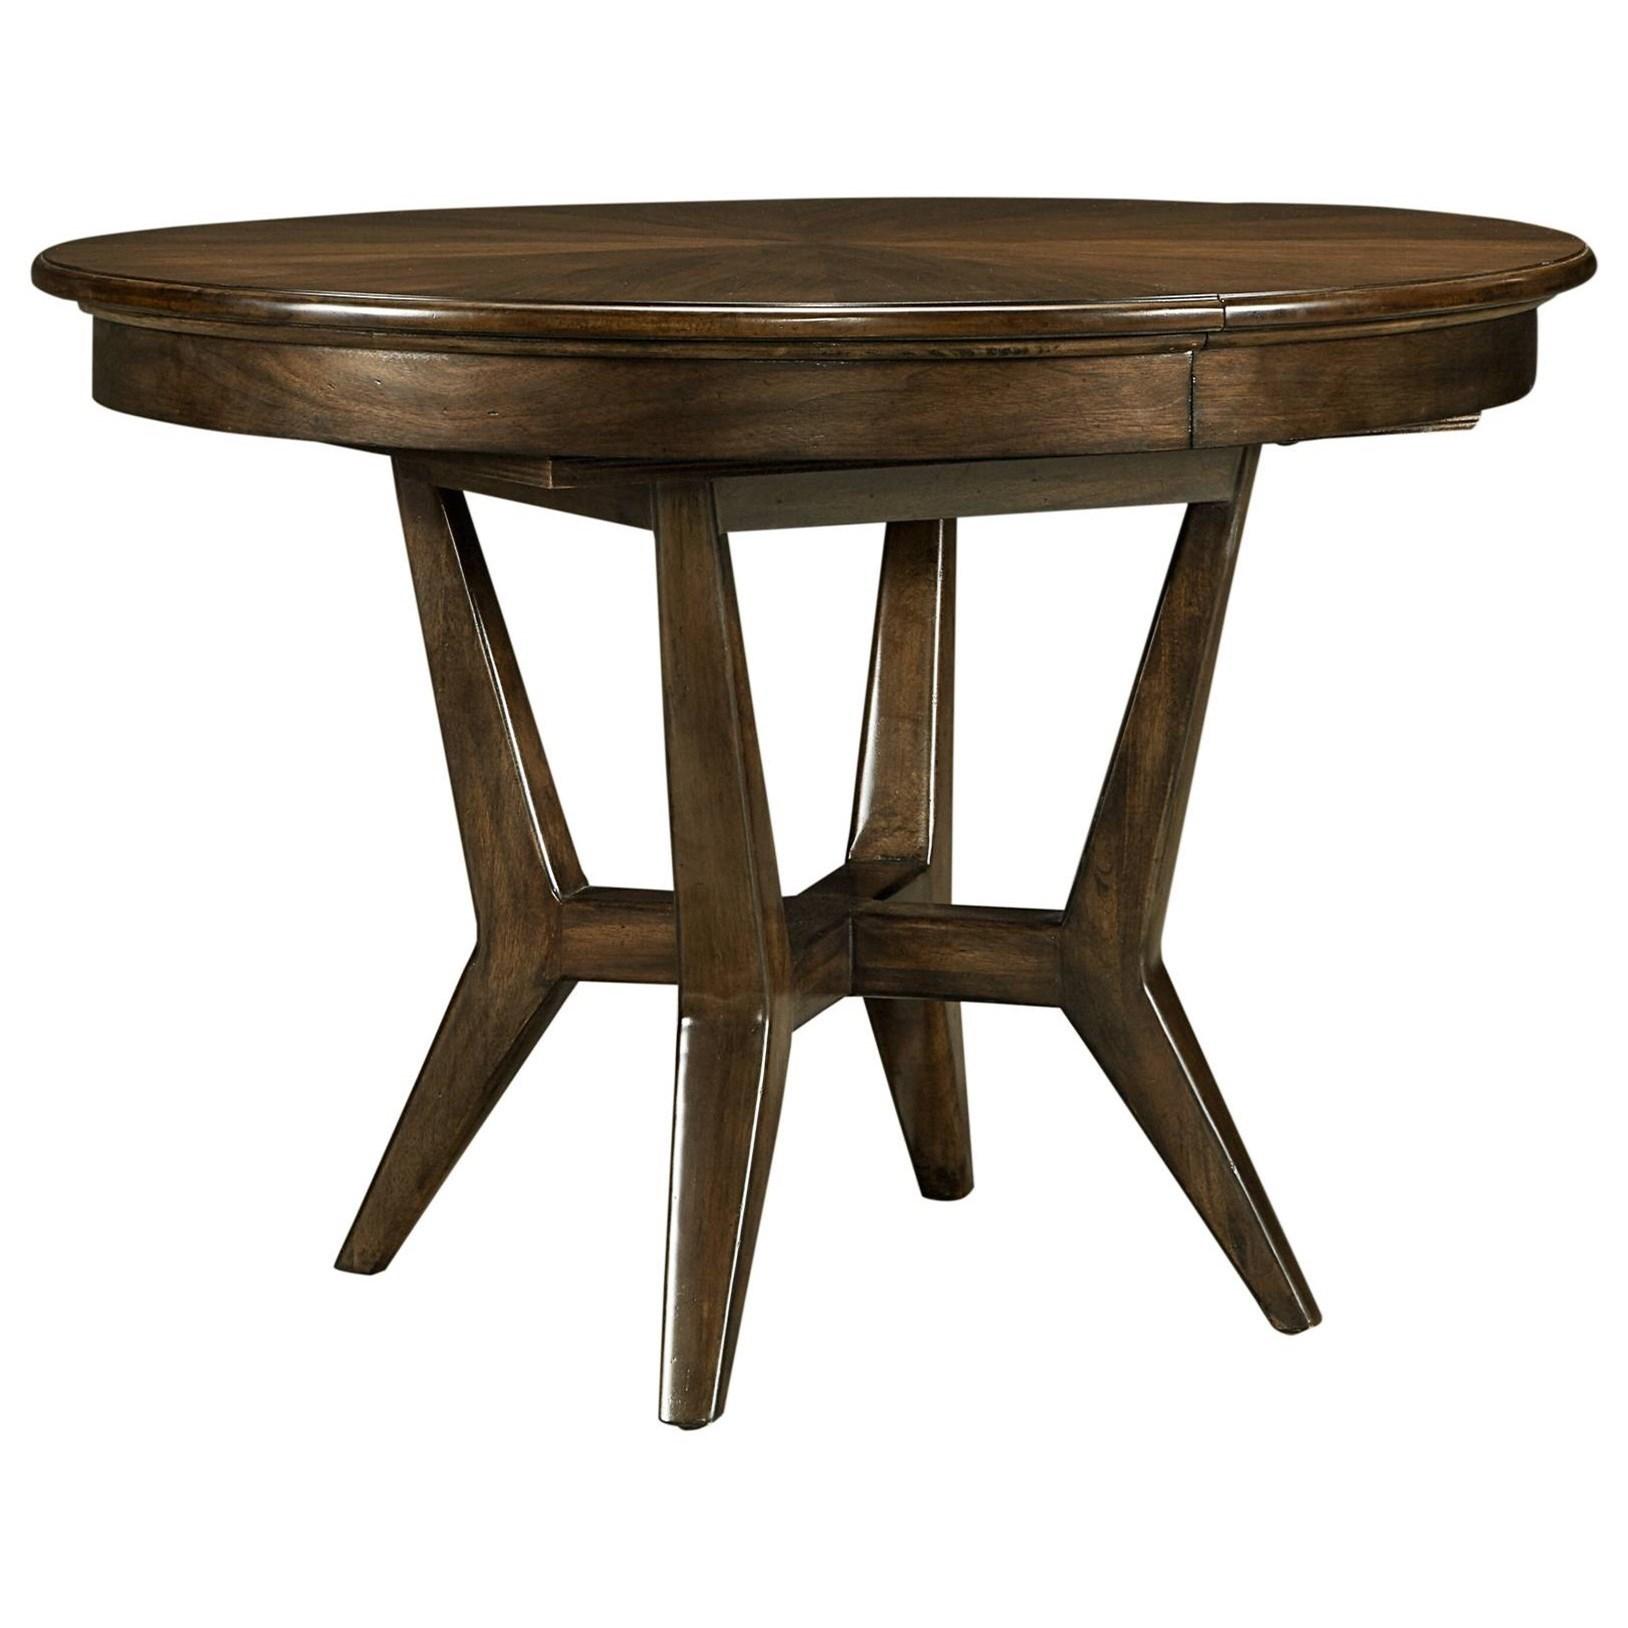 stanley furniture santa clara dining table belfort